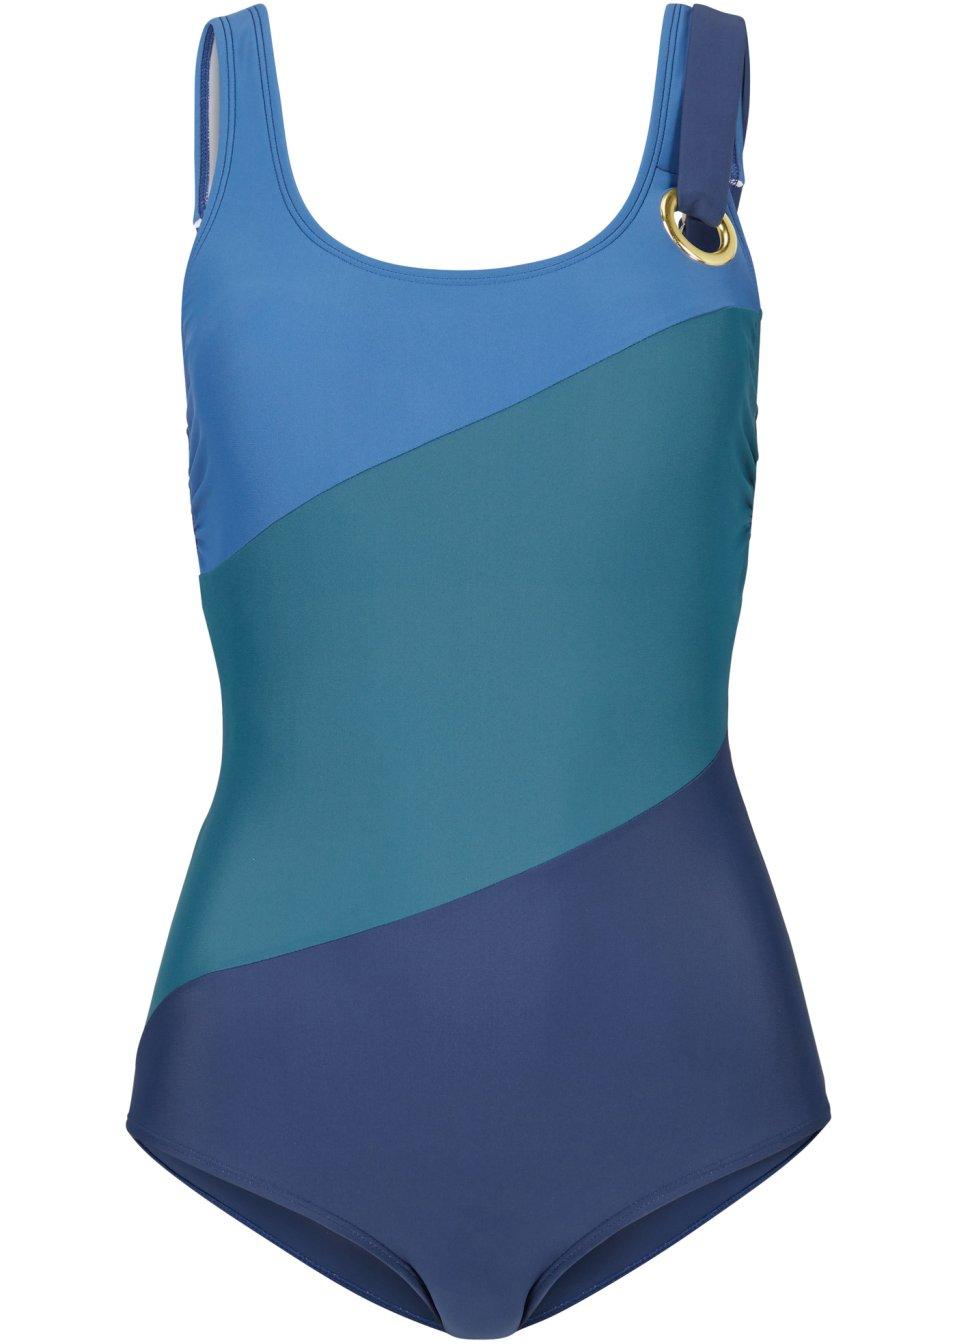 Sehr eleganter Badeanzug in schmeichelnden Farben - dunkelblau/grün zcxUZ 2ShoC